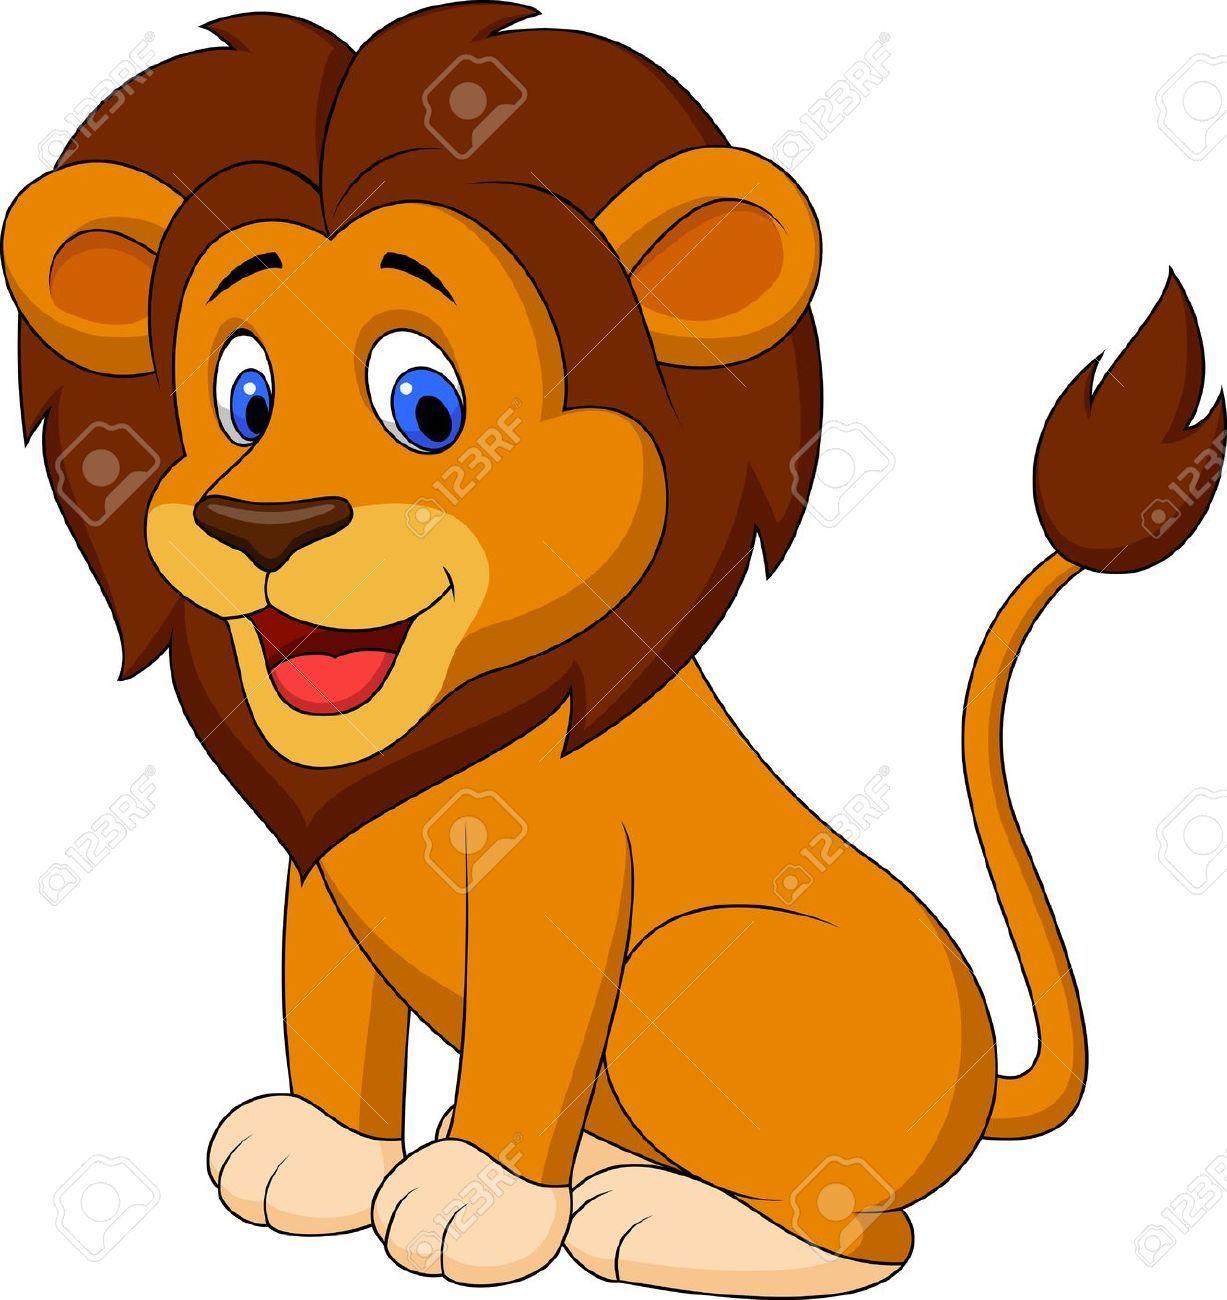 Lion Goofy Clipart #1.